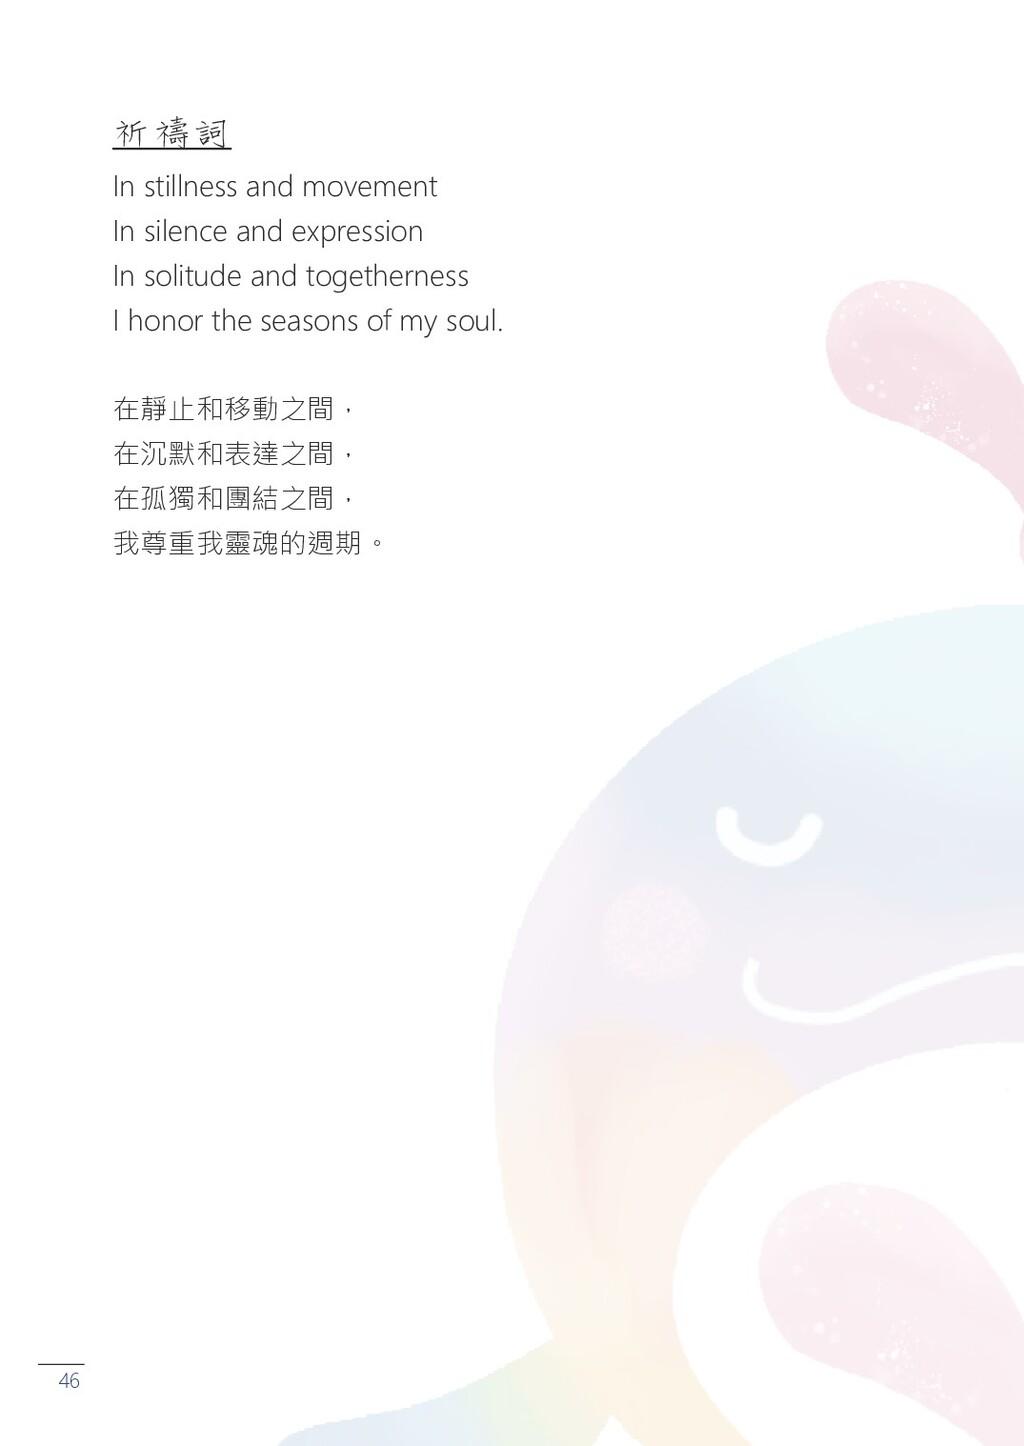 46 祈禱詞 In stillness and movement In silence and...